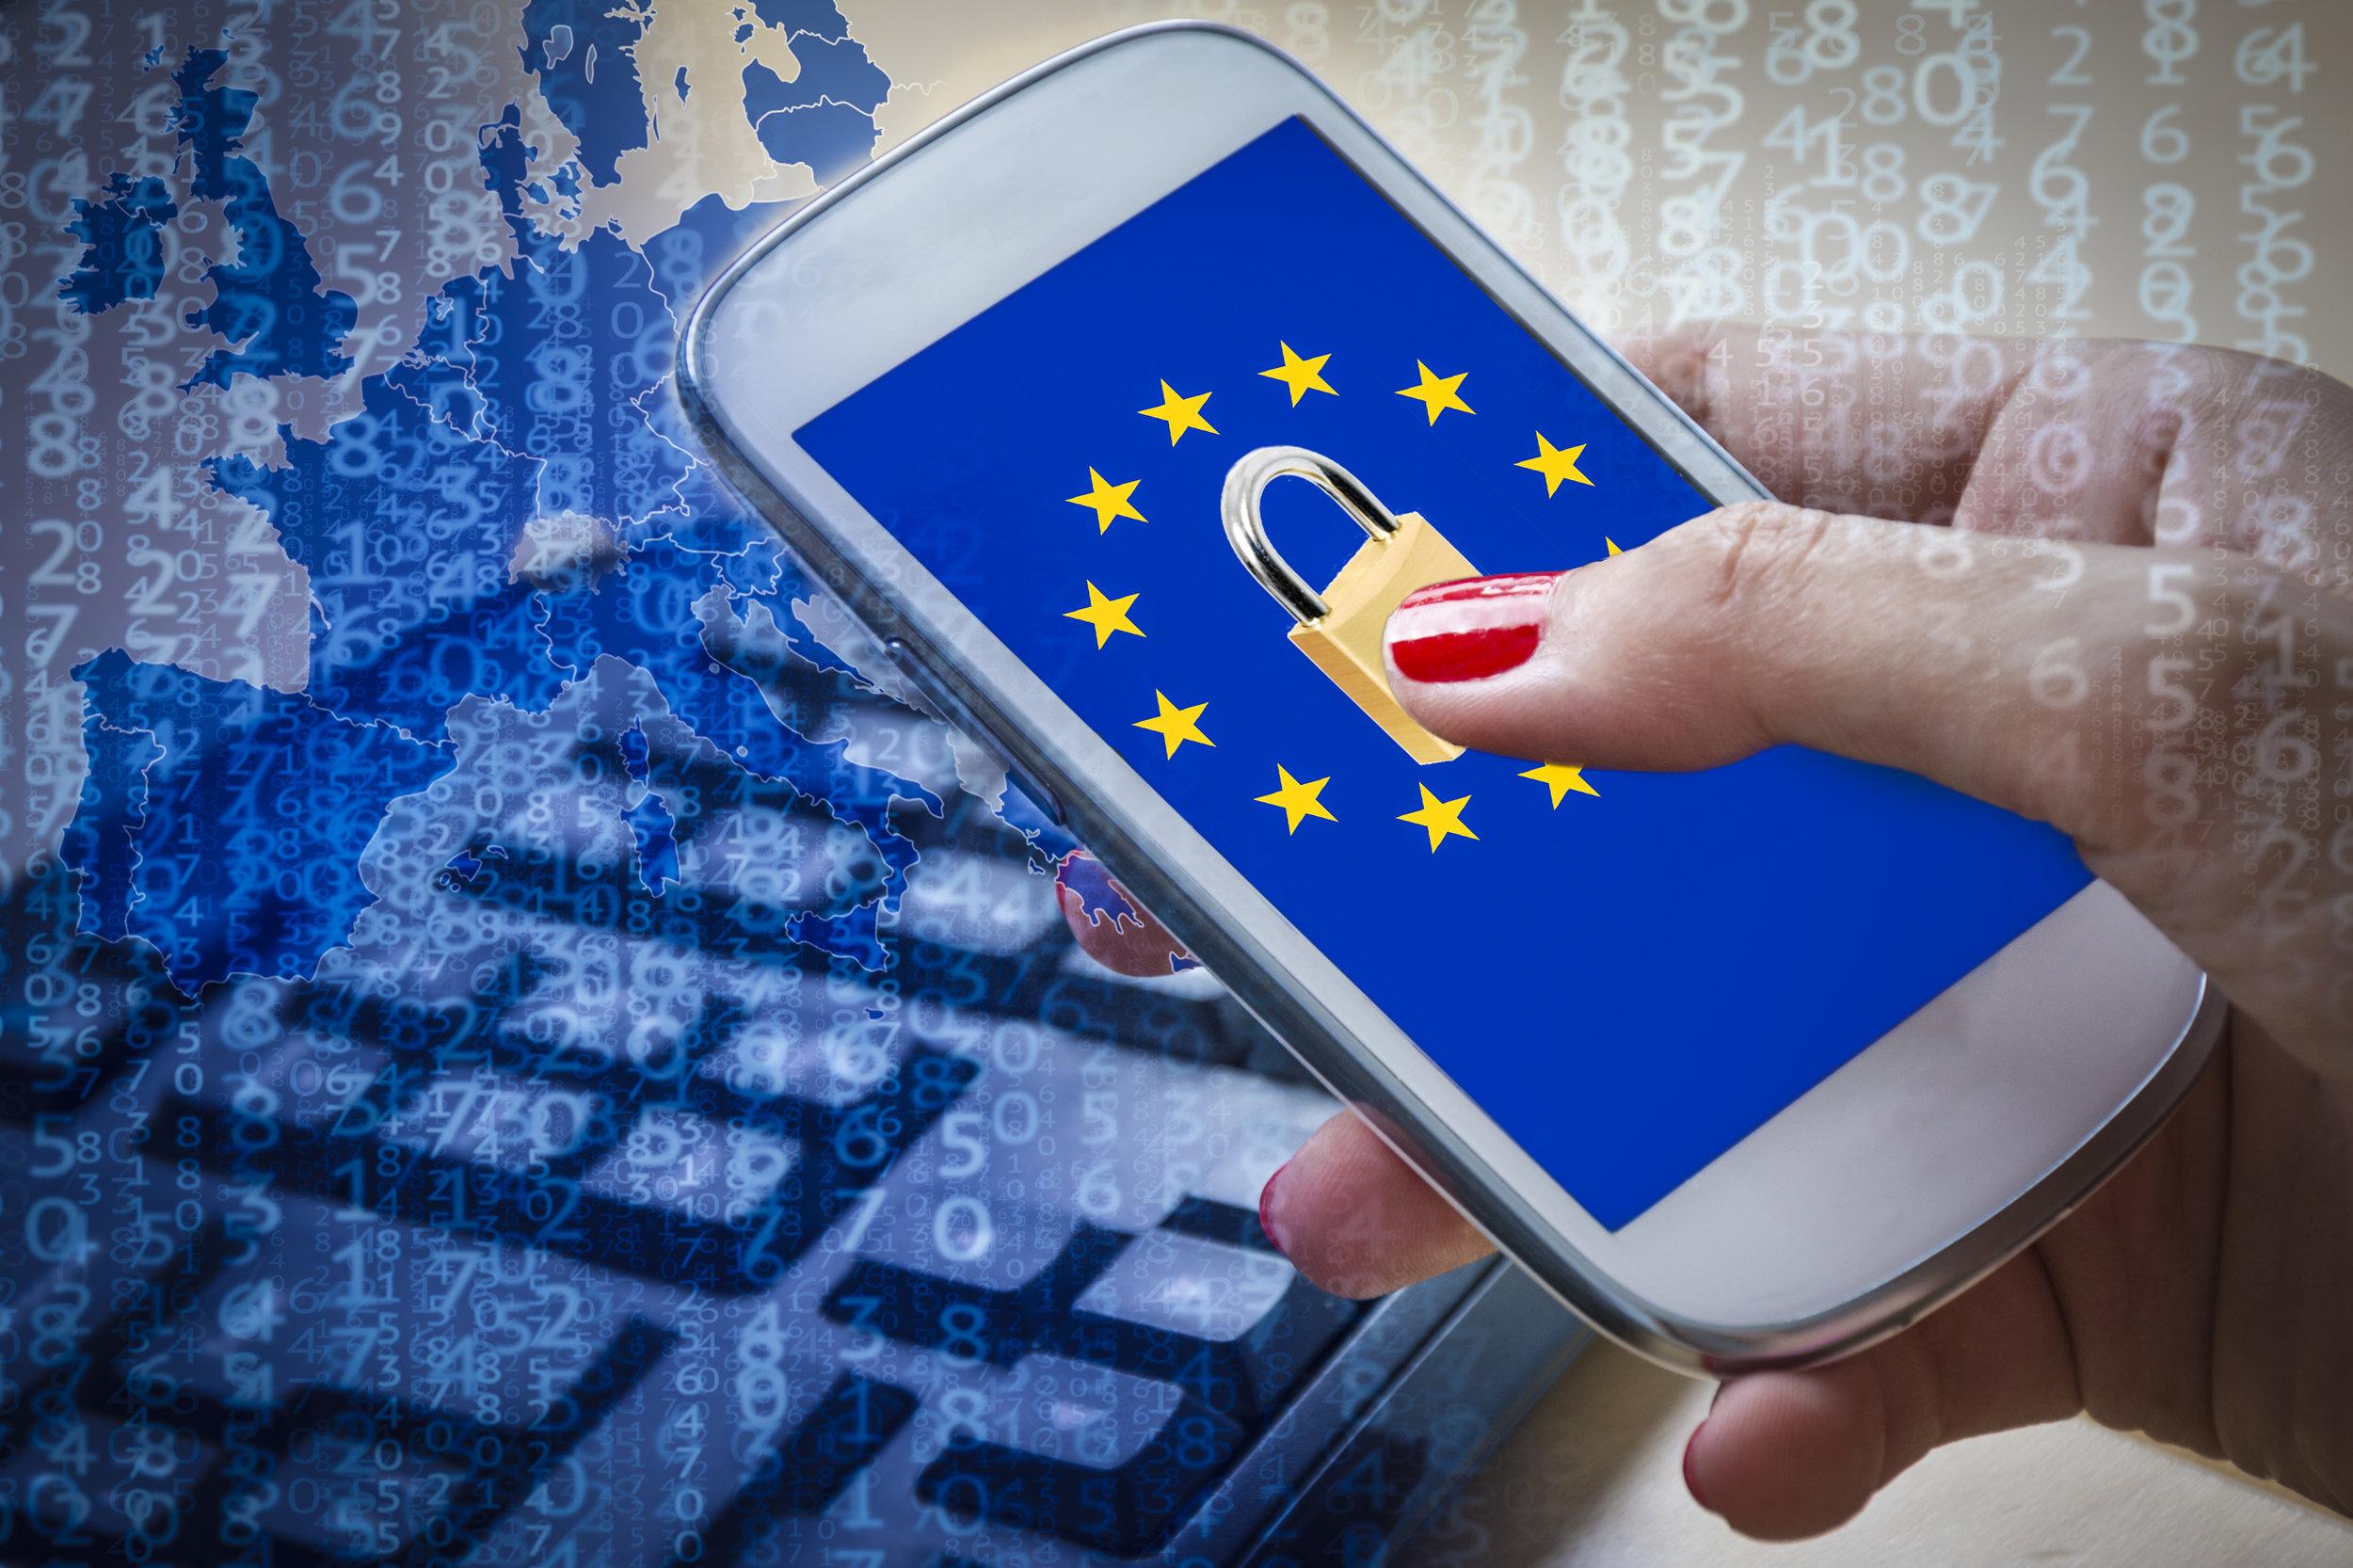 Padlock-and-EU-flag-on-smartphone-screen,-GDPR-metaphor-913774238_3674x2449.jpeg